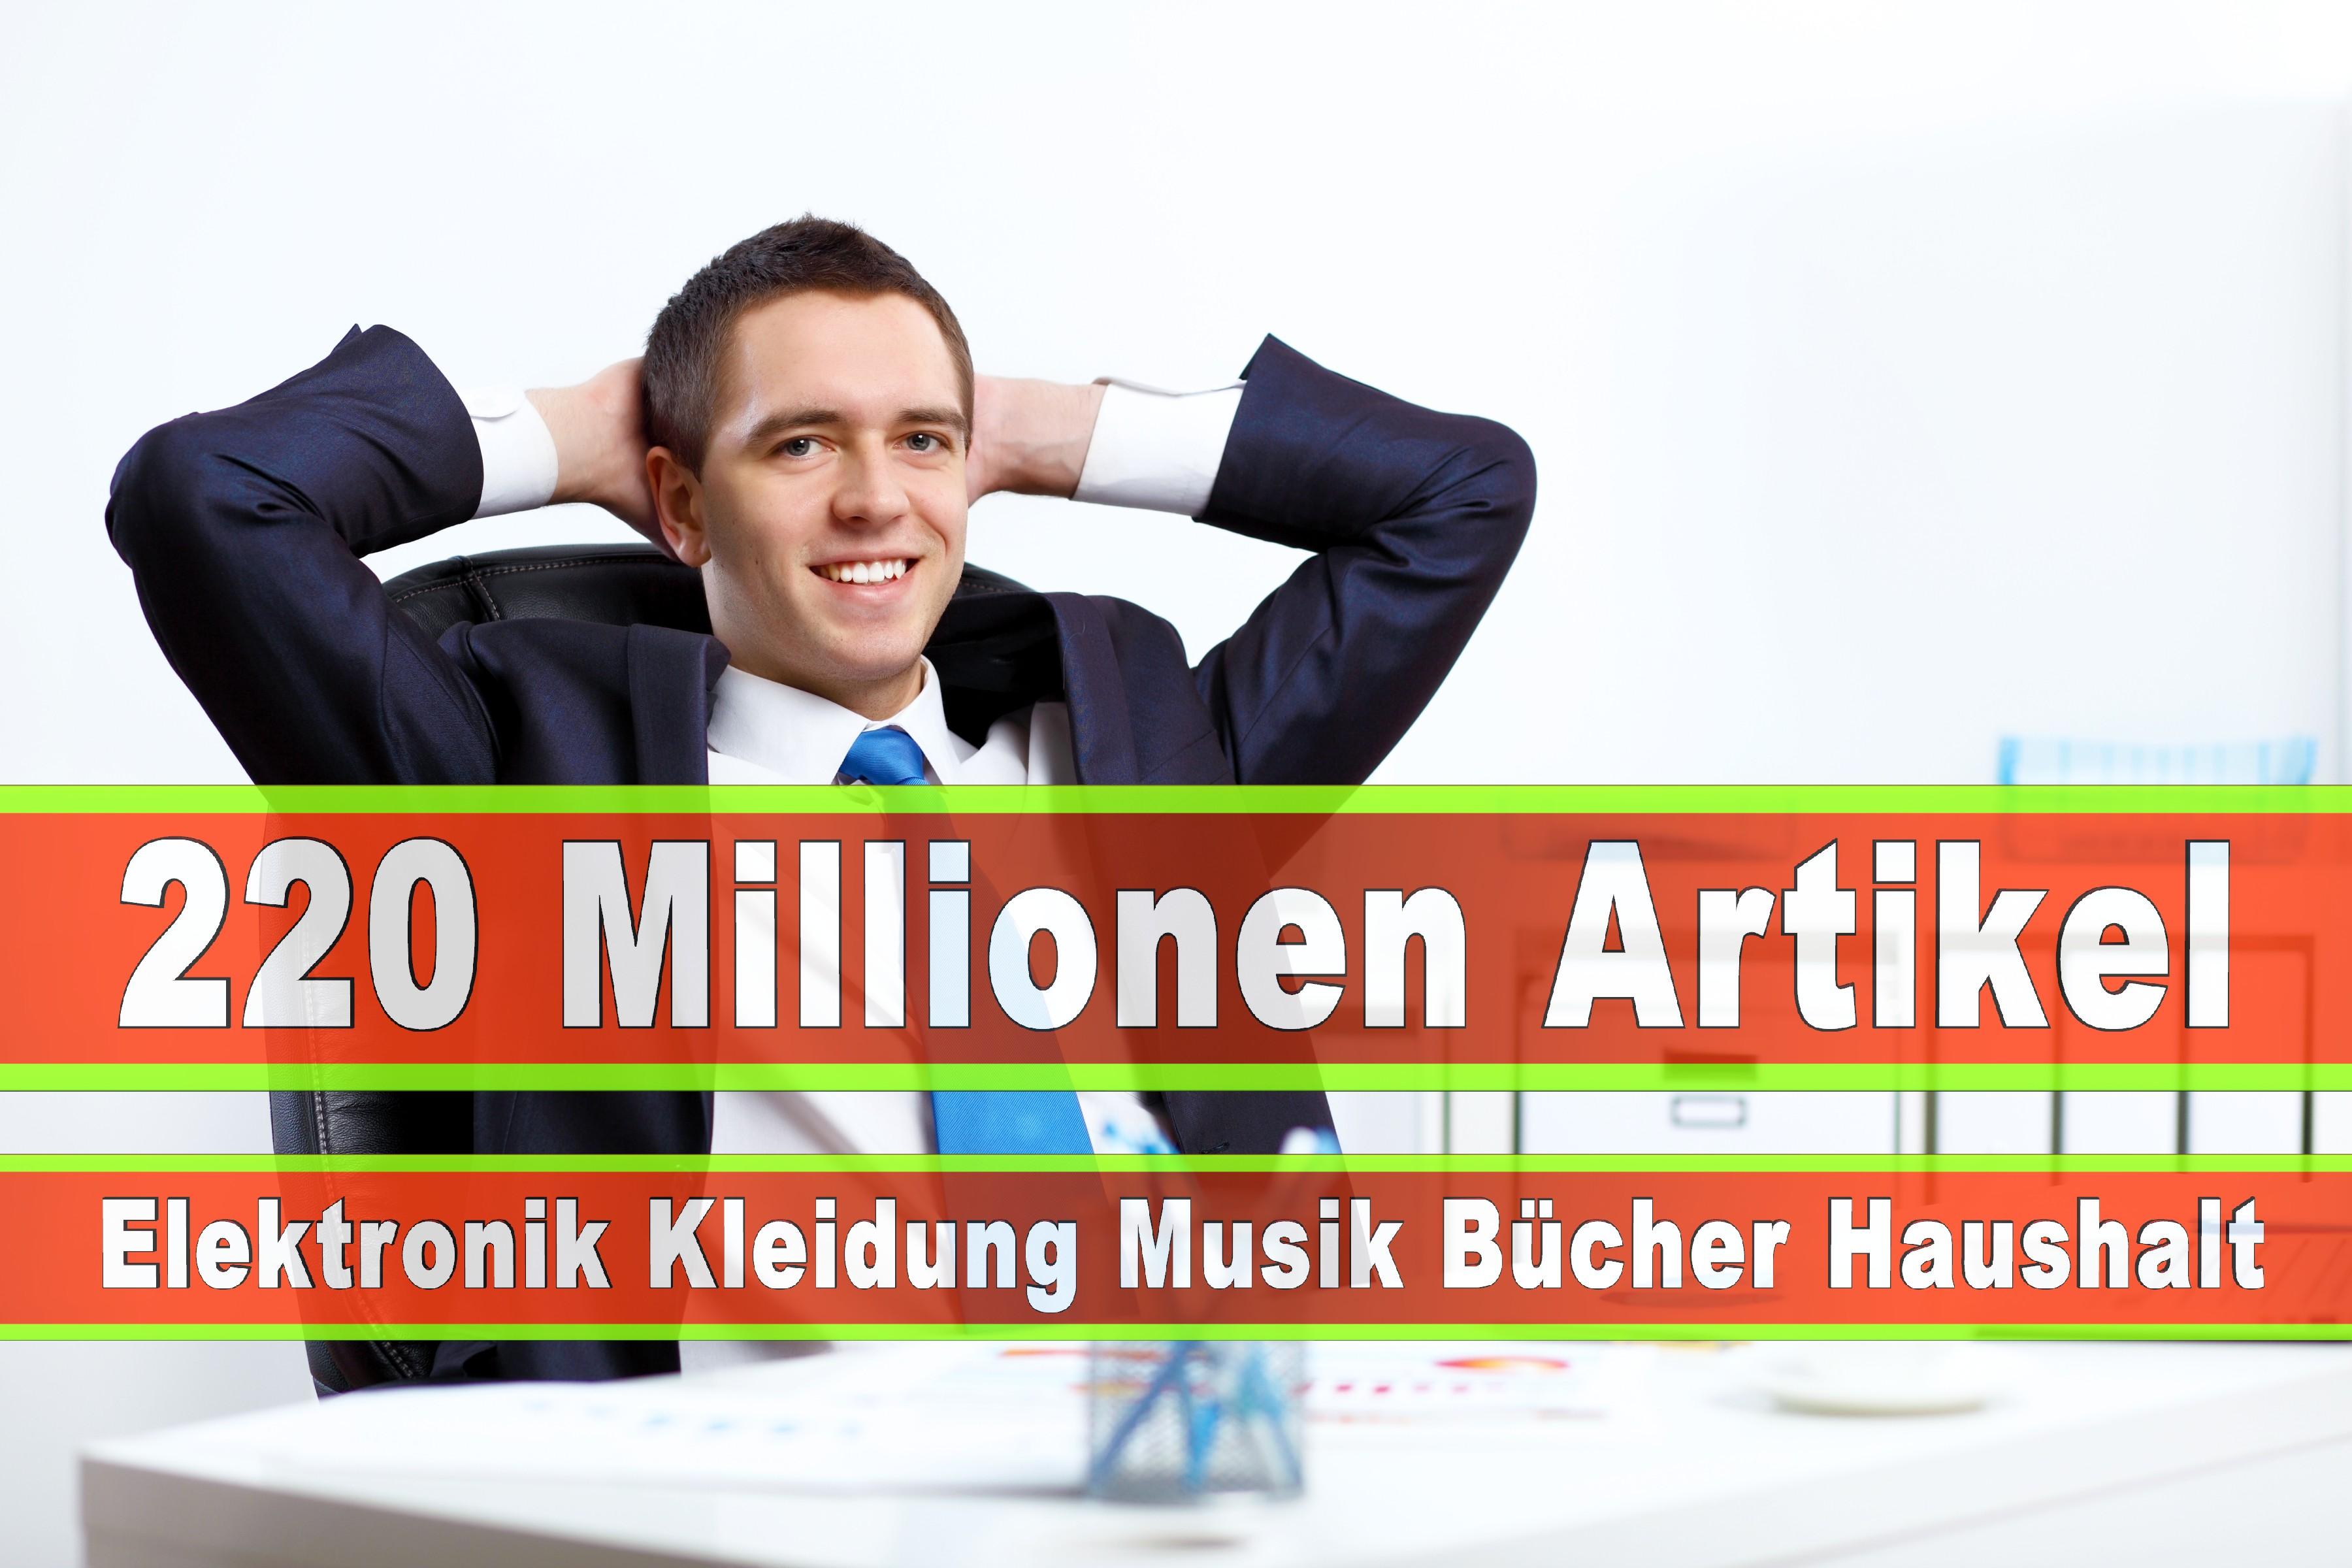 Amazon Elektronik Musik Haushalt Bücher CD DVD Handys Smartphones TV Television Fernseher Kleidung Mode Ebay Versandhaus (139)